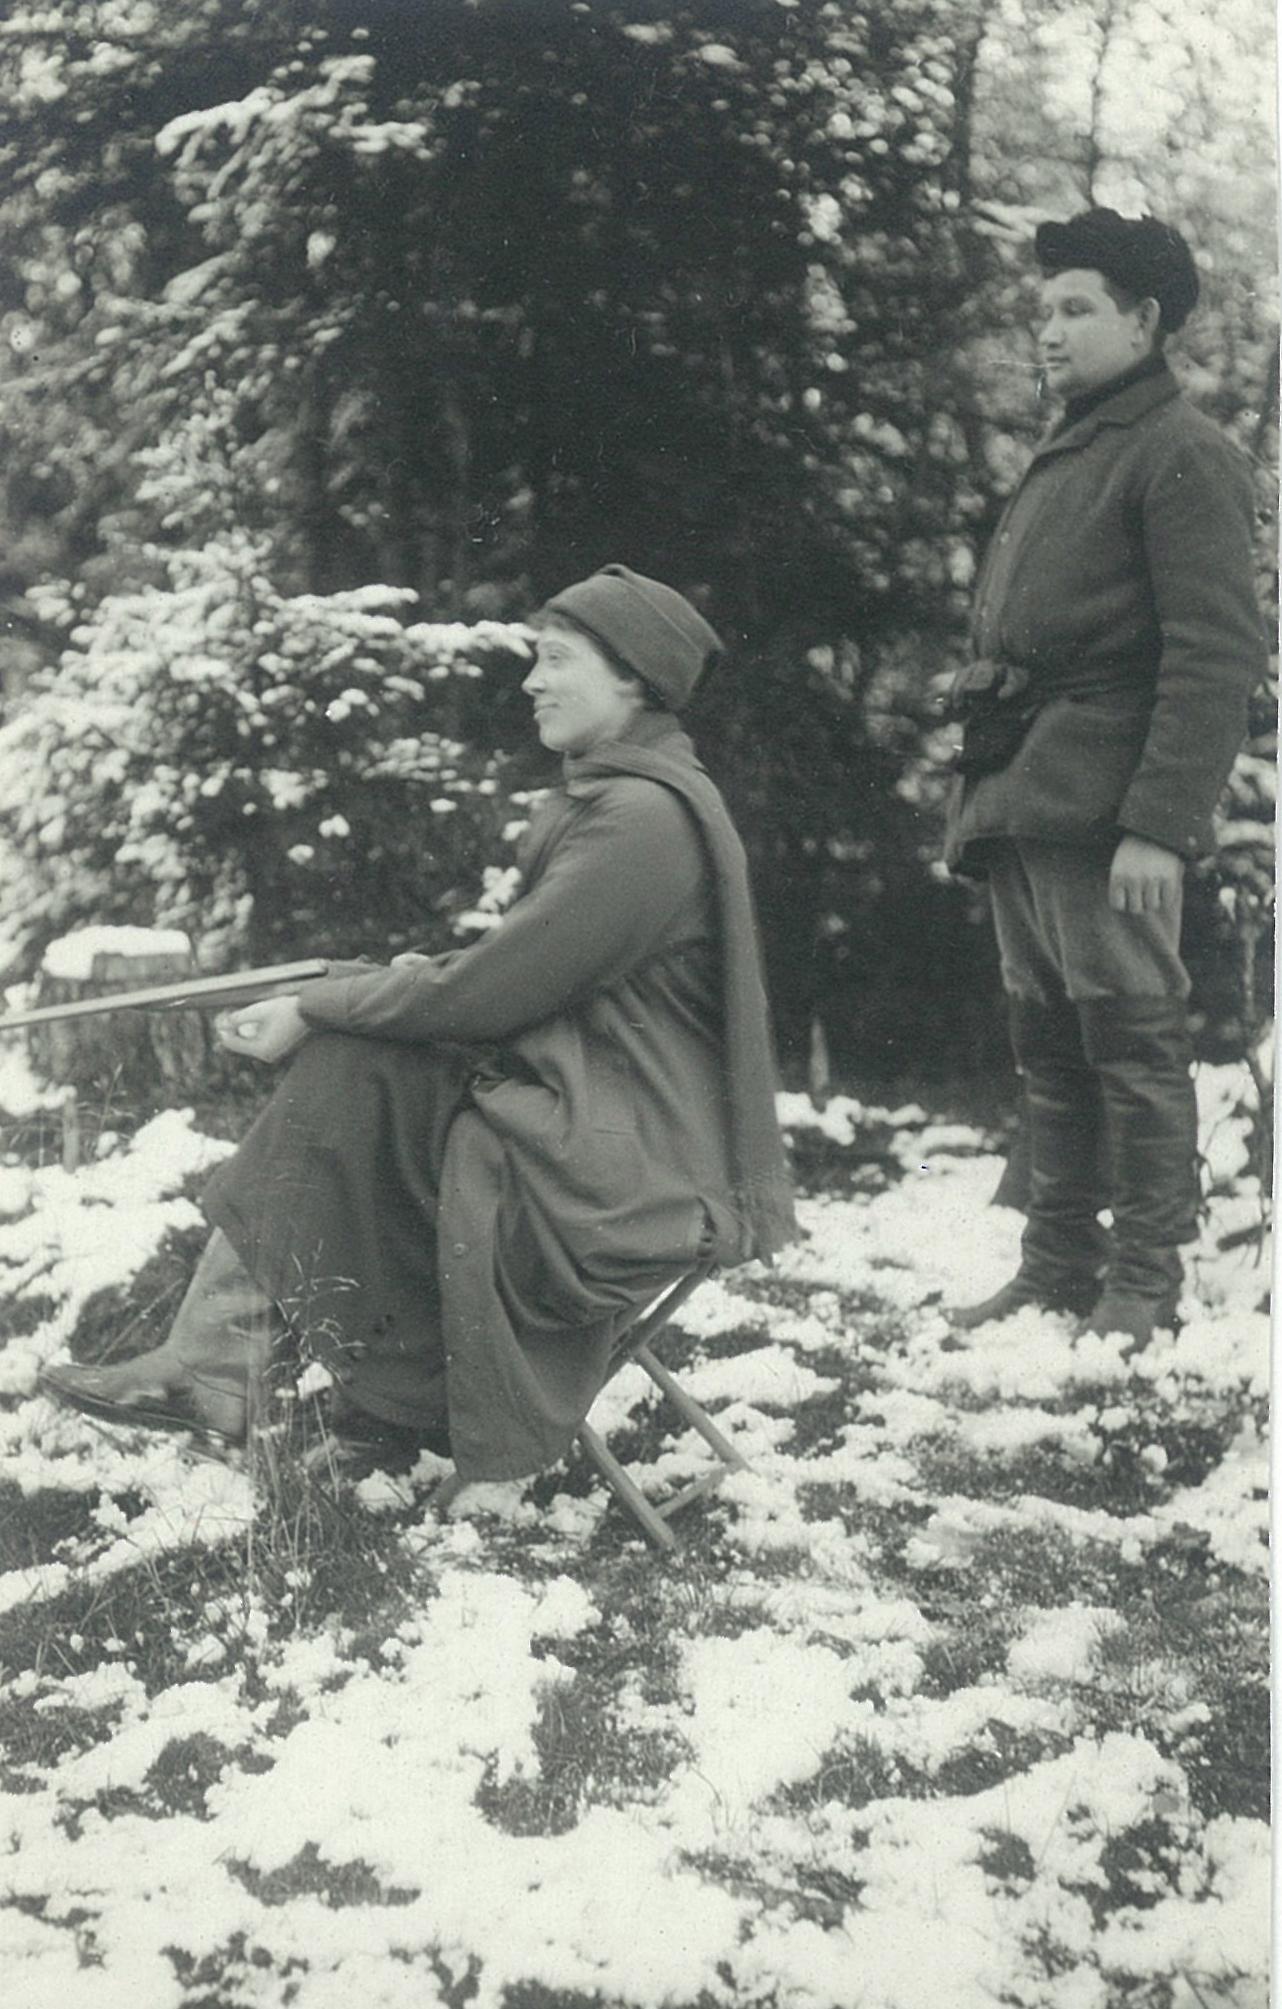 Девушка с охотничьим ружьём в зимнем лесу